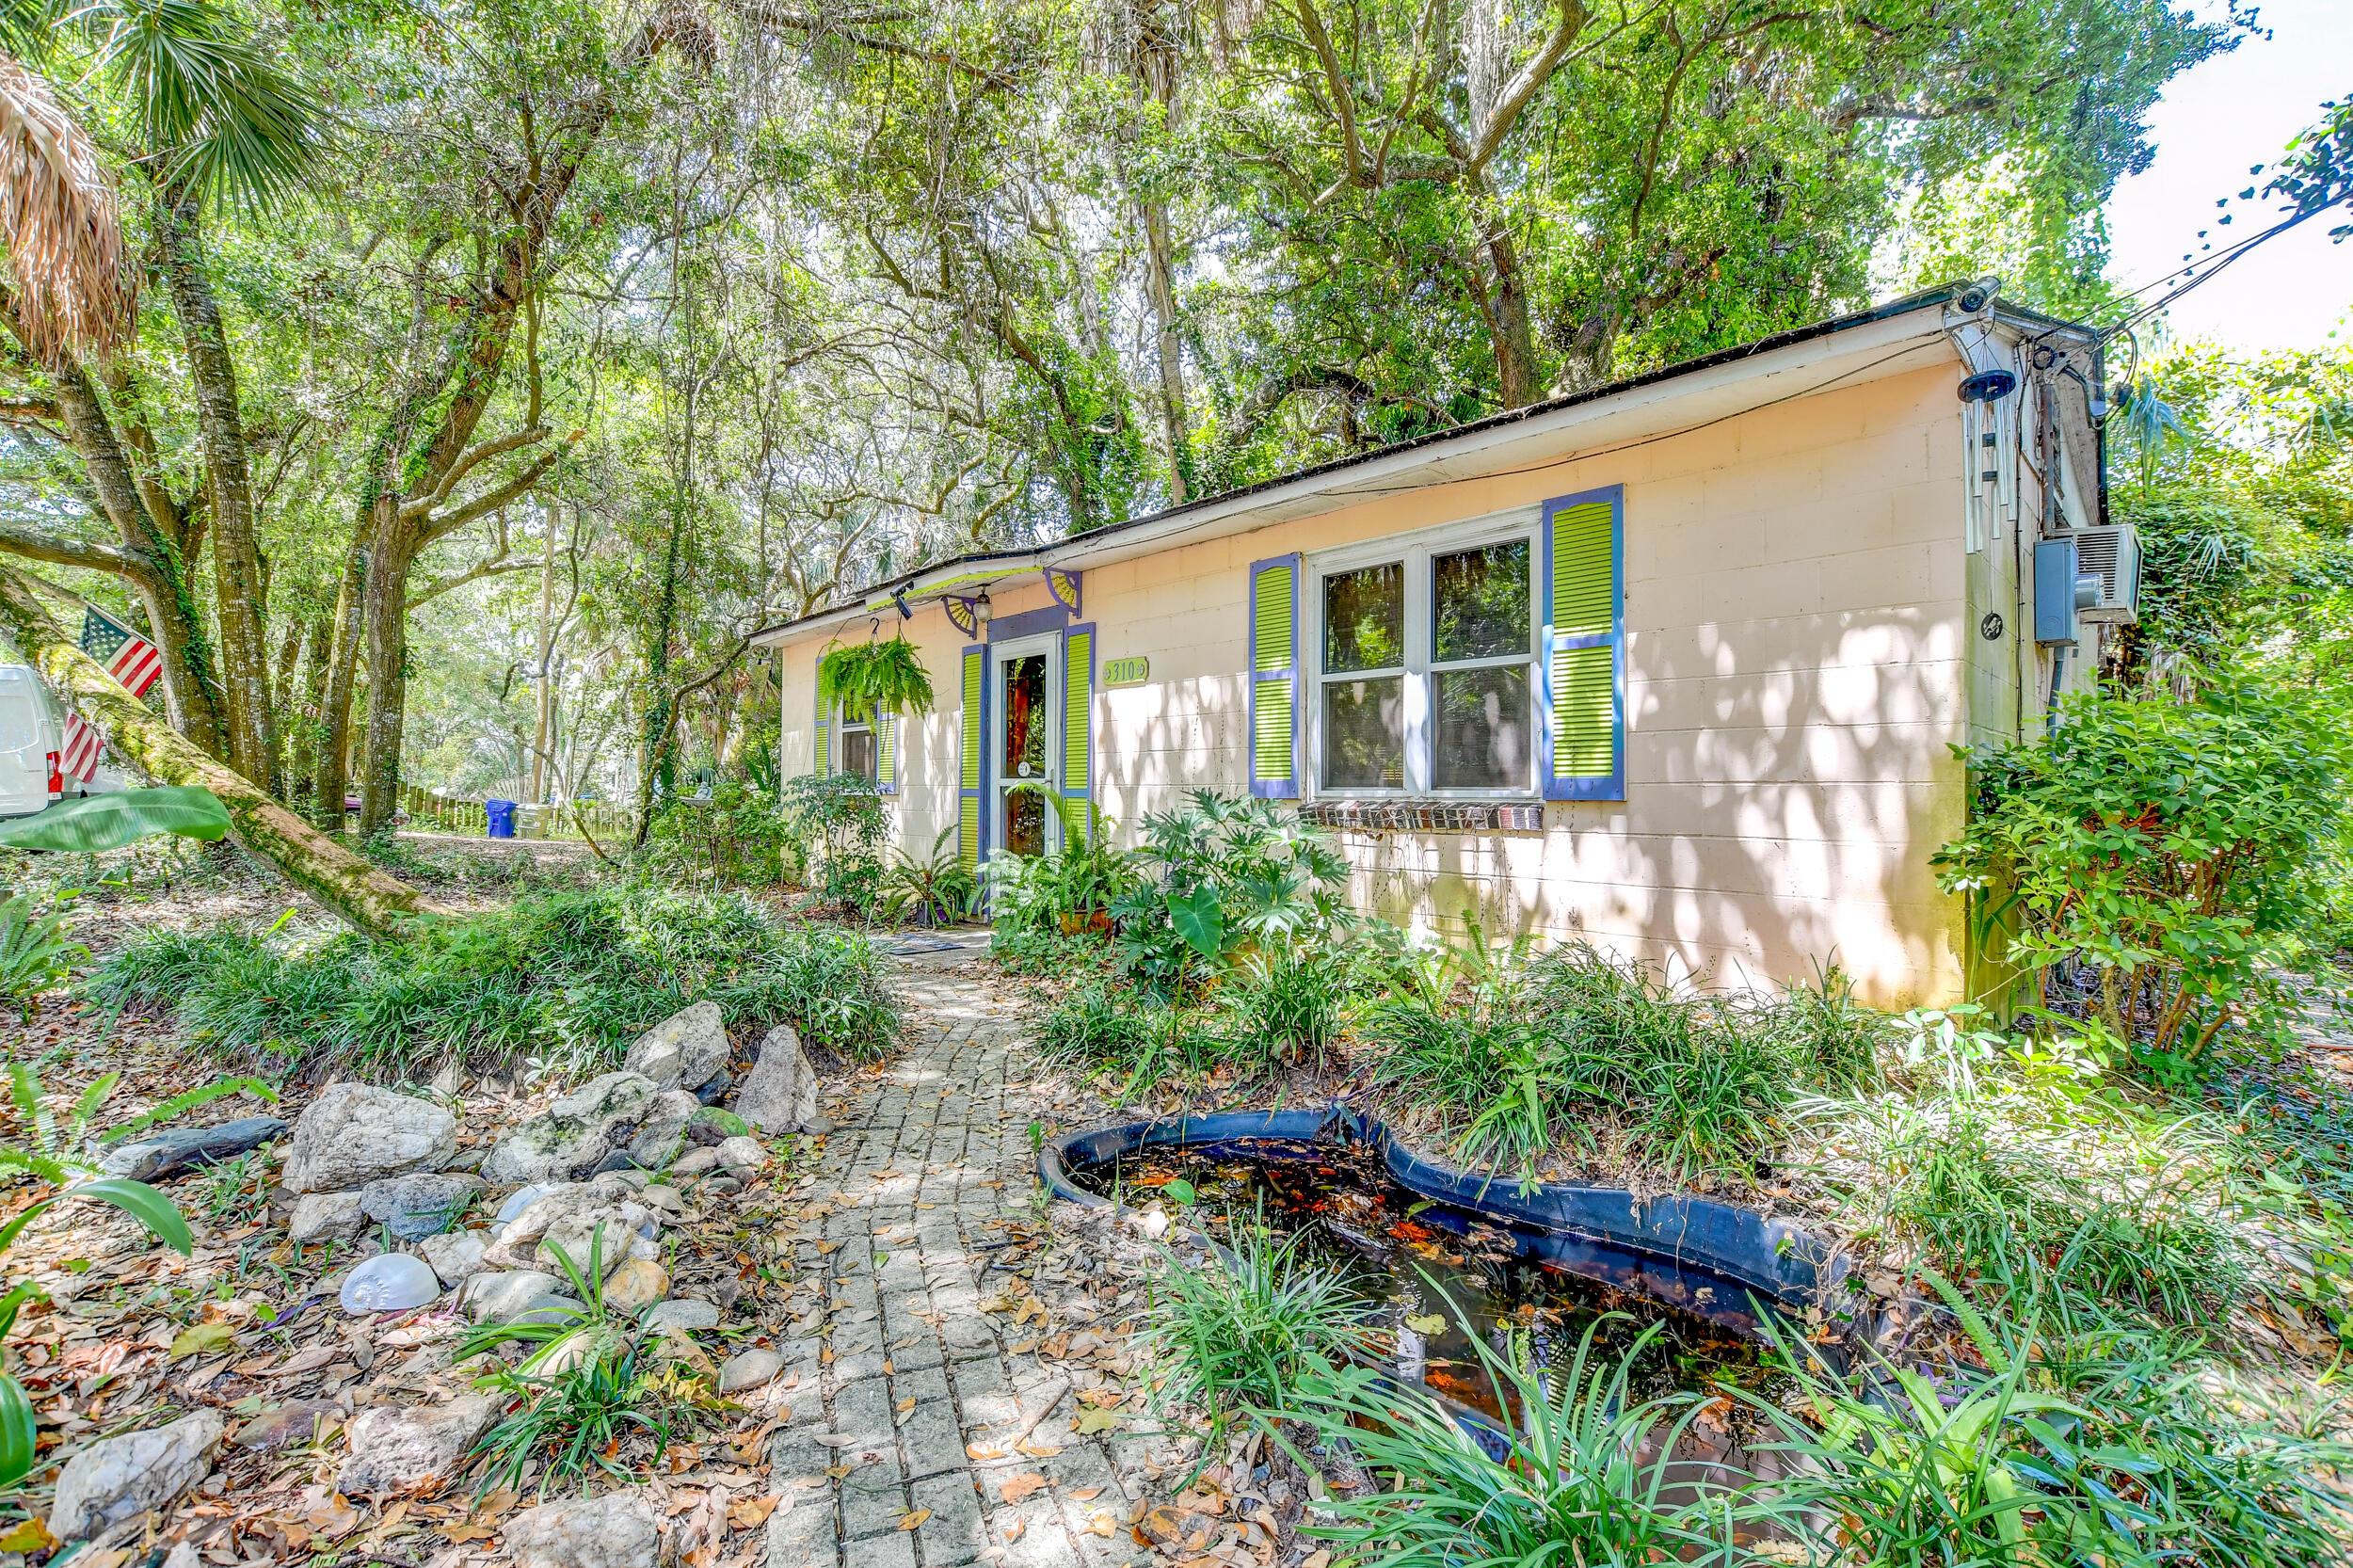 Folly Beach Homes For Sale - 310 Hudson, Folly Beach, SC - 0